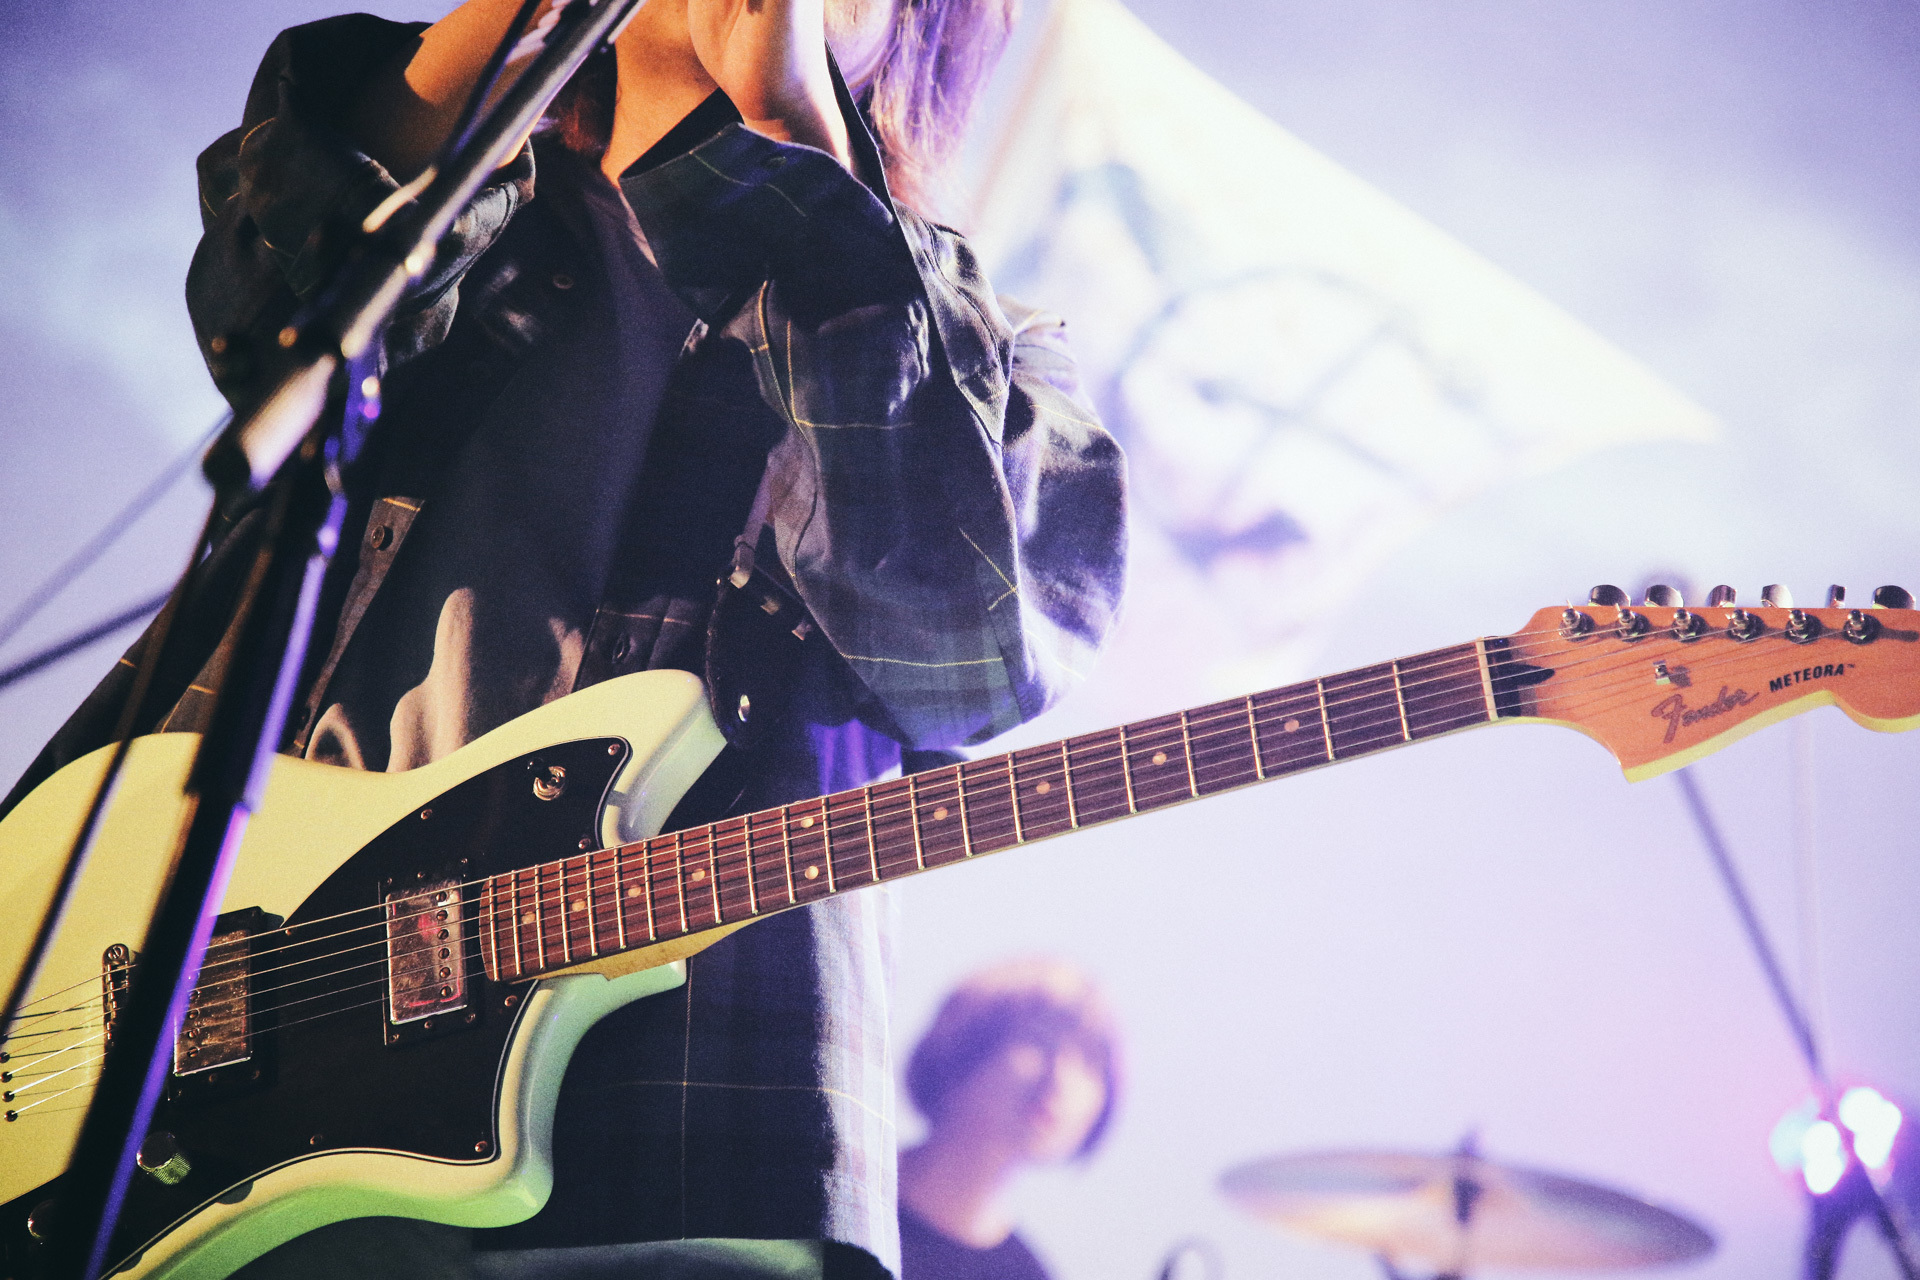 『ぼくらのサイダーウォーズ4』ライブ写真  Photo by Tetsuya Yamakawa